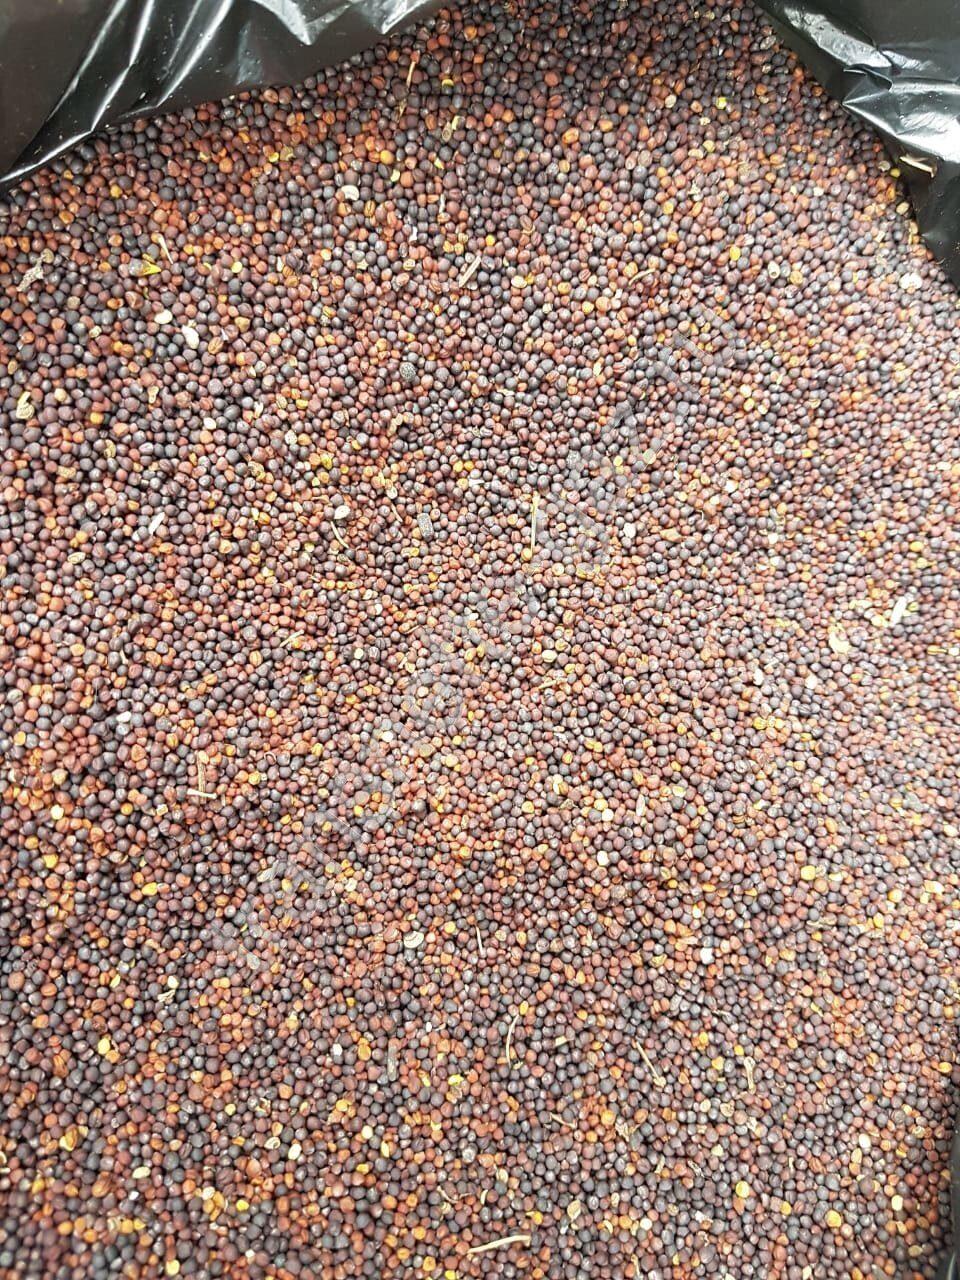 цена зерна на элеваторах тамбовской области